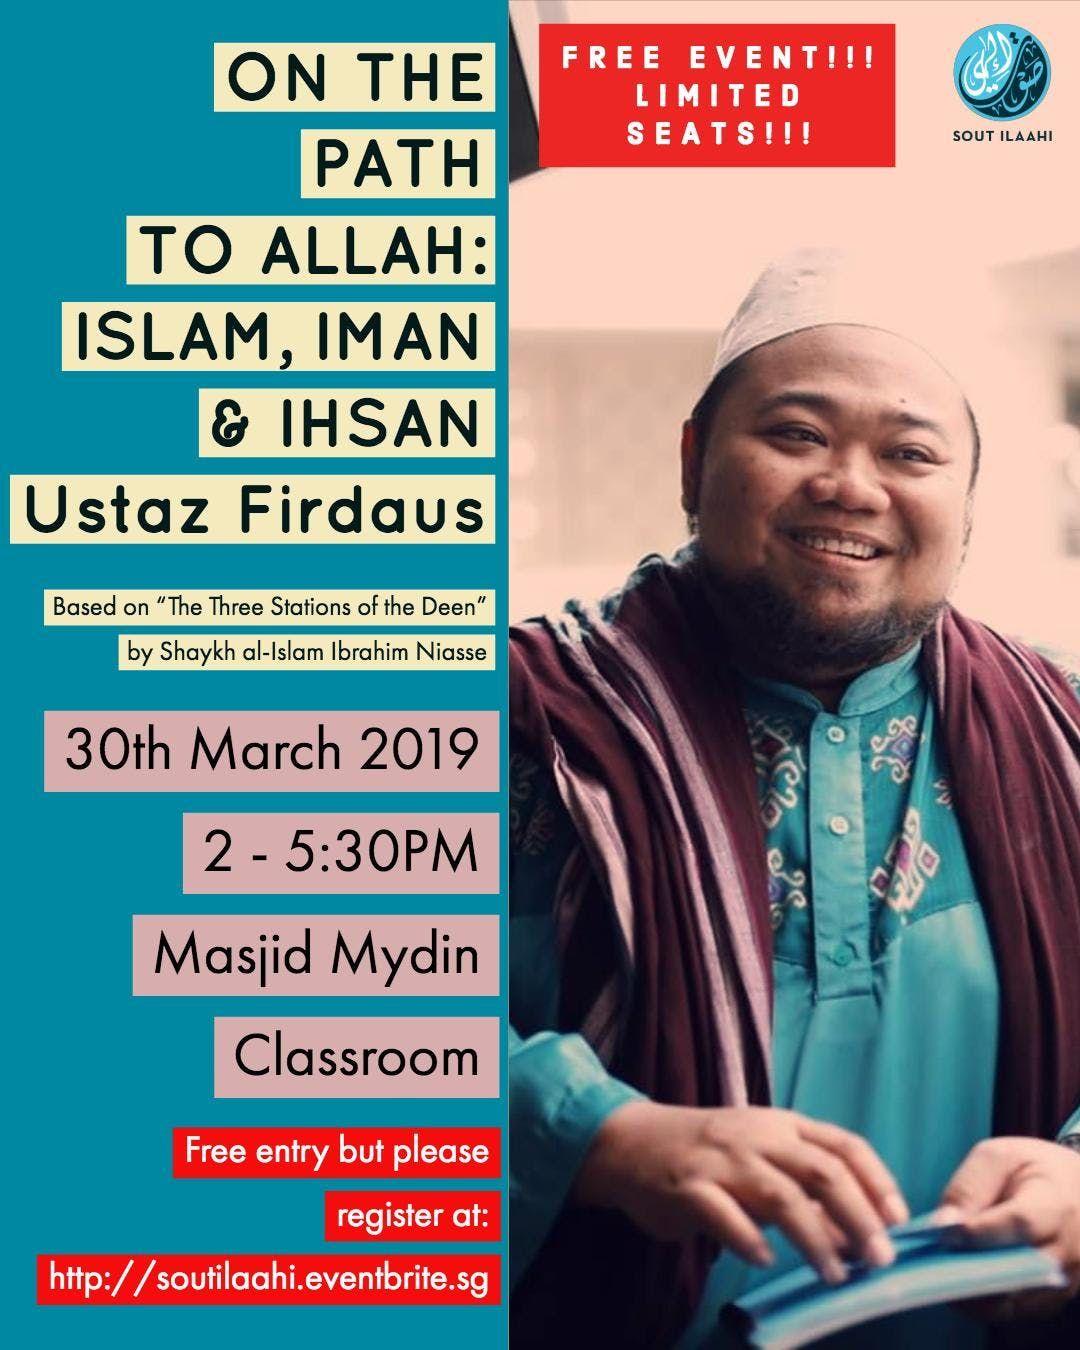 On the path to Allah Islam Iman Ihsan